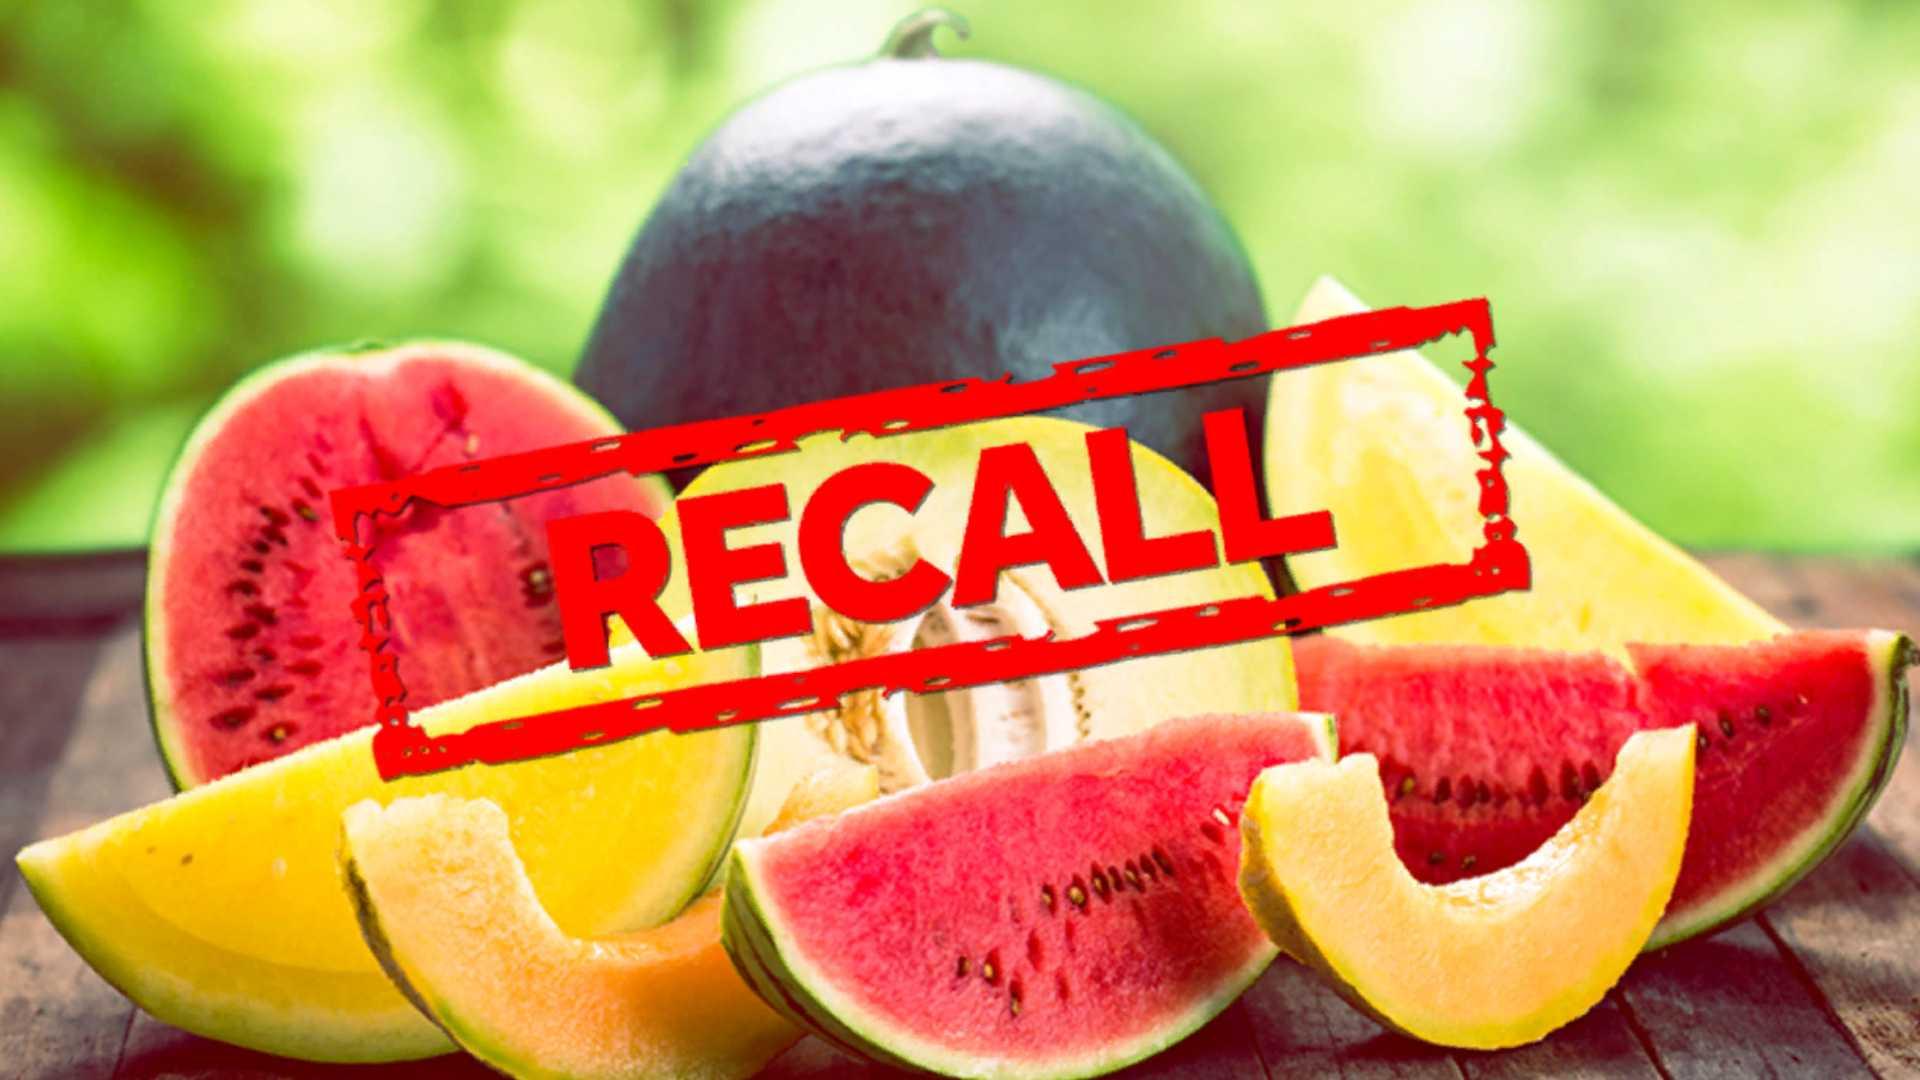 melon recall